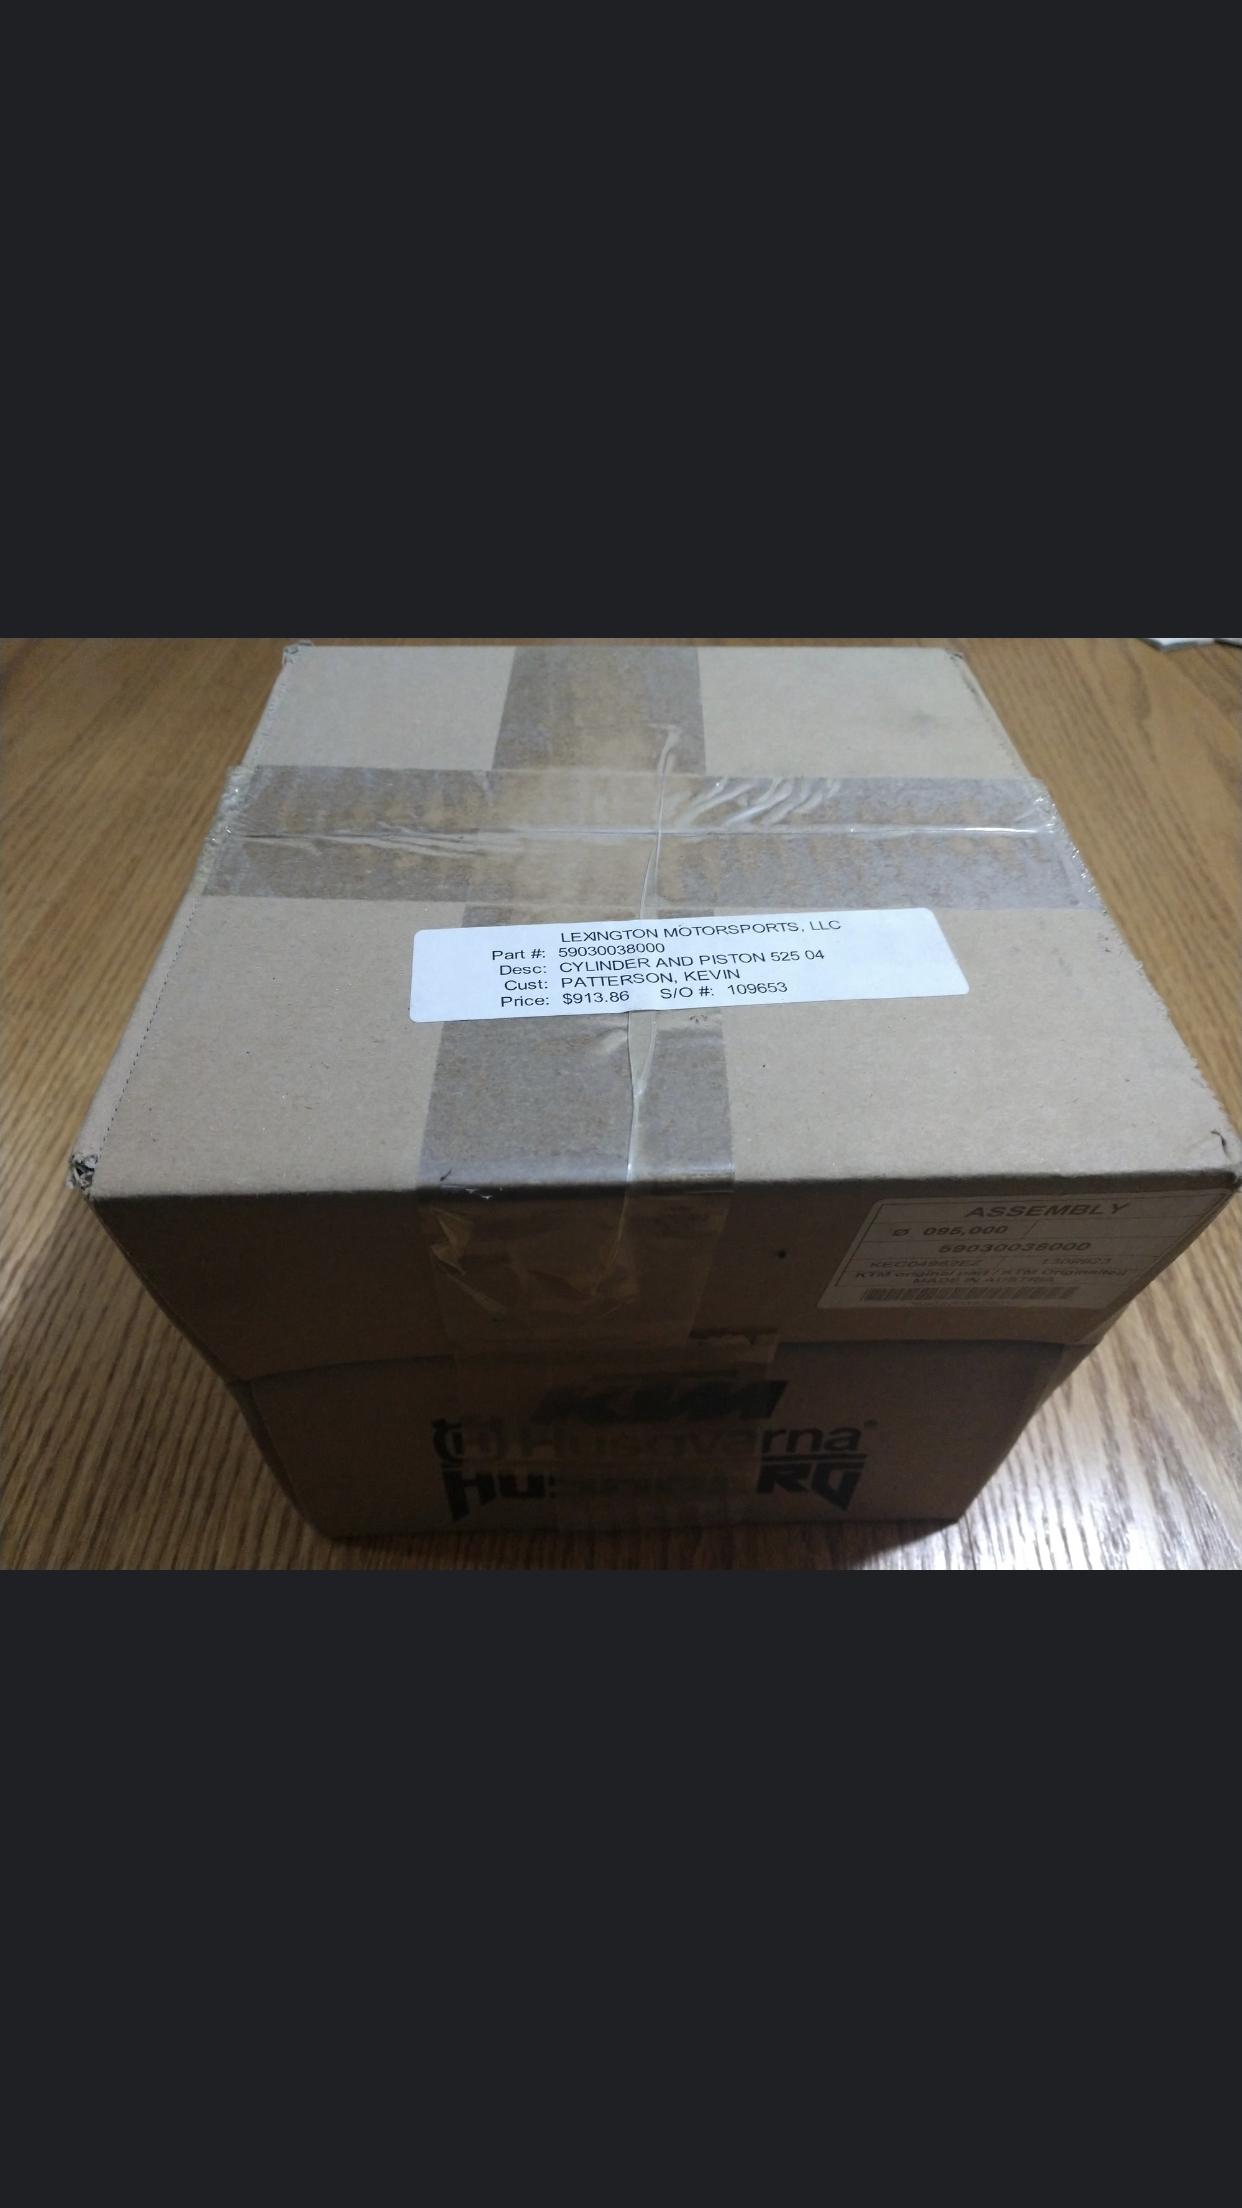 New RFS Cylinder & Piston kit 59030038000 OEM-f83069da-4ad3-43d5-9683-8278526e5b44_1571406893975.png